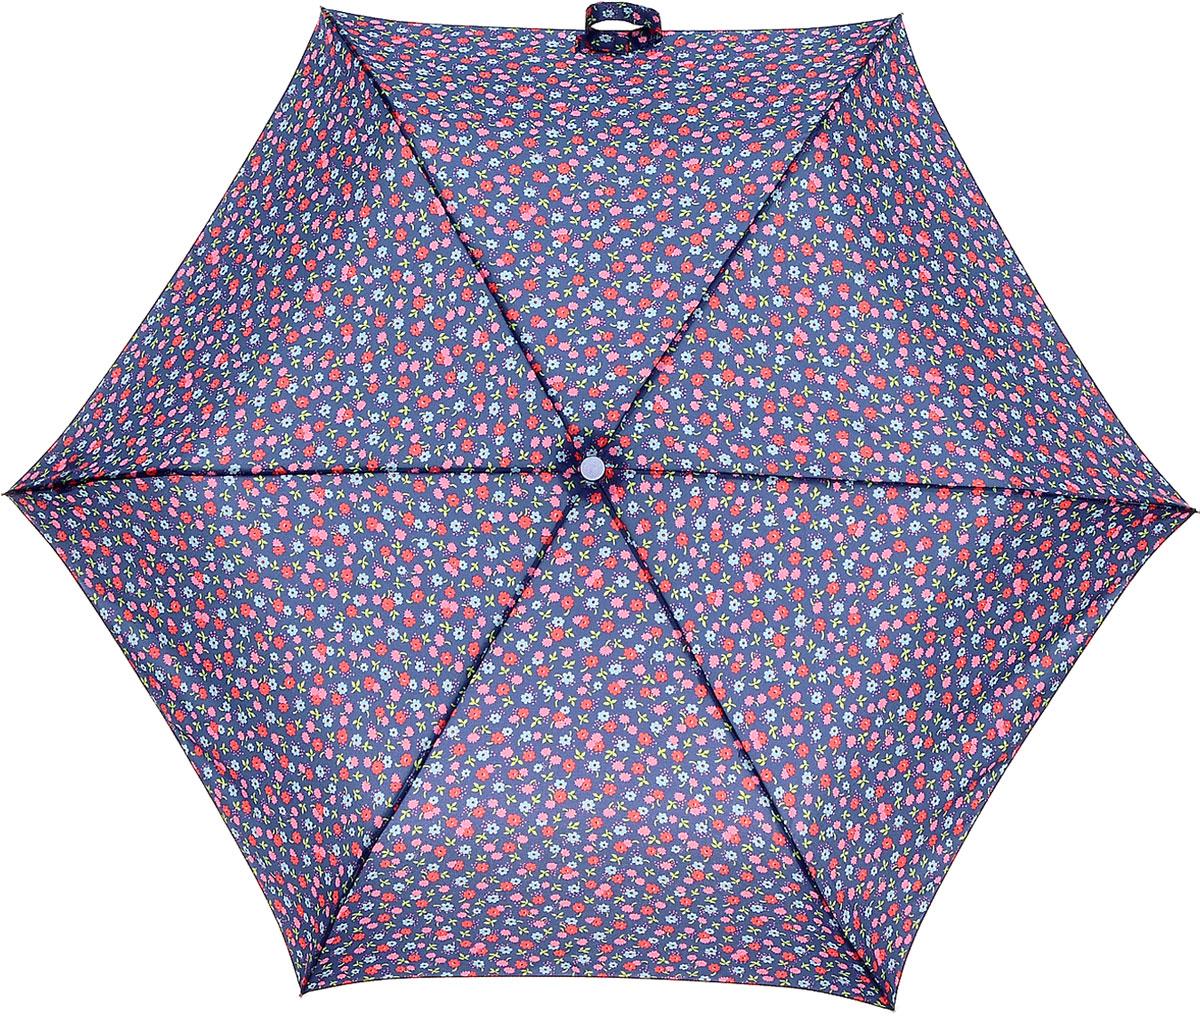 Зонт женский Cath Kidston Minilite, механический, 3 сложения, цвет: фиолетовый, мультиколор. L768-2945L768-2945 RiverDaisyСтильный механический зонт Cath Kidston Minilite в 3 сложения даже в ненастную погоду позволит вам оставаться элегантной. Облегченный каркас зонта выполнен из 8 спиц из фибергласса и алюминия, стержень также изготовлен из алюминия, удобная рукоятка - из пластика. Купол зонта выполнен из прочного полиэстера. В закрытом виде застегивается хлястиком на липучке. Яркий оригинальный цветочный принт поднимет настроение в дождливый день. Зонт механического сложения: купол открывается и закрывается вручную до характерного щелчка. На рукоятке для удобства есть небольшой шнурок, позволяющий надеть зонт на руку тогда, когда это будет необходимо. К зонту прилагается чехол с небольшой нашивкой с названием бренда. Такой зонт компактно располагается в кармане, сумочке, дверке автомобиля.